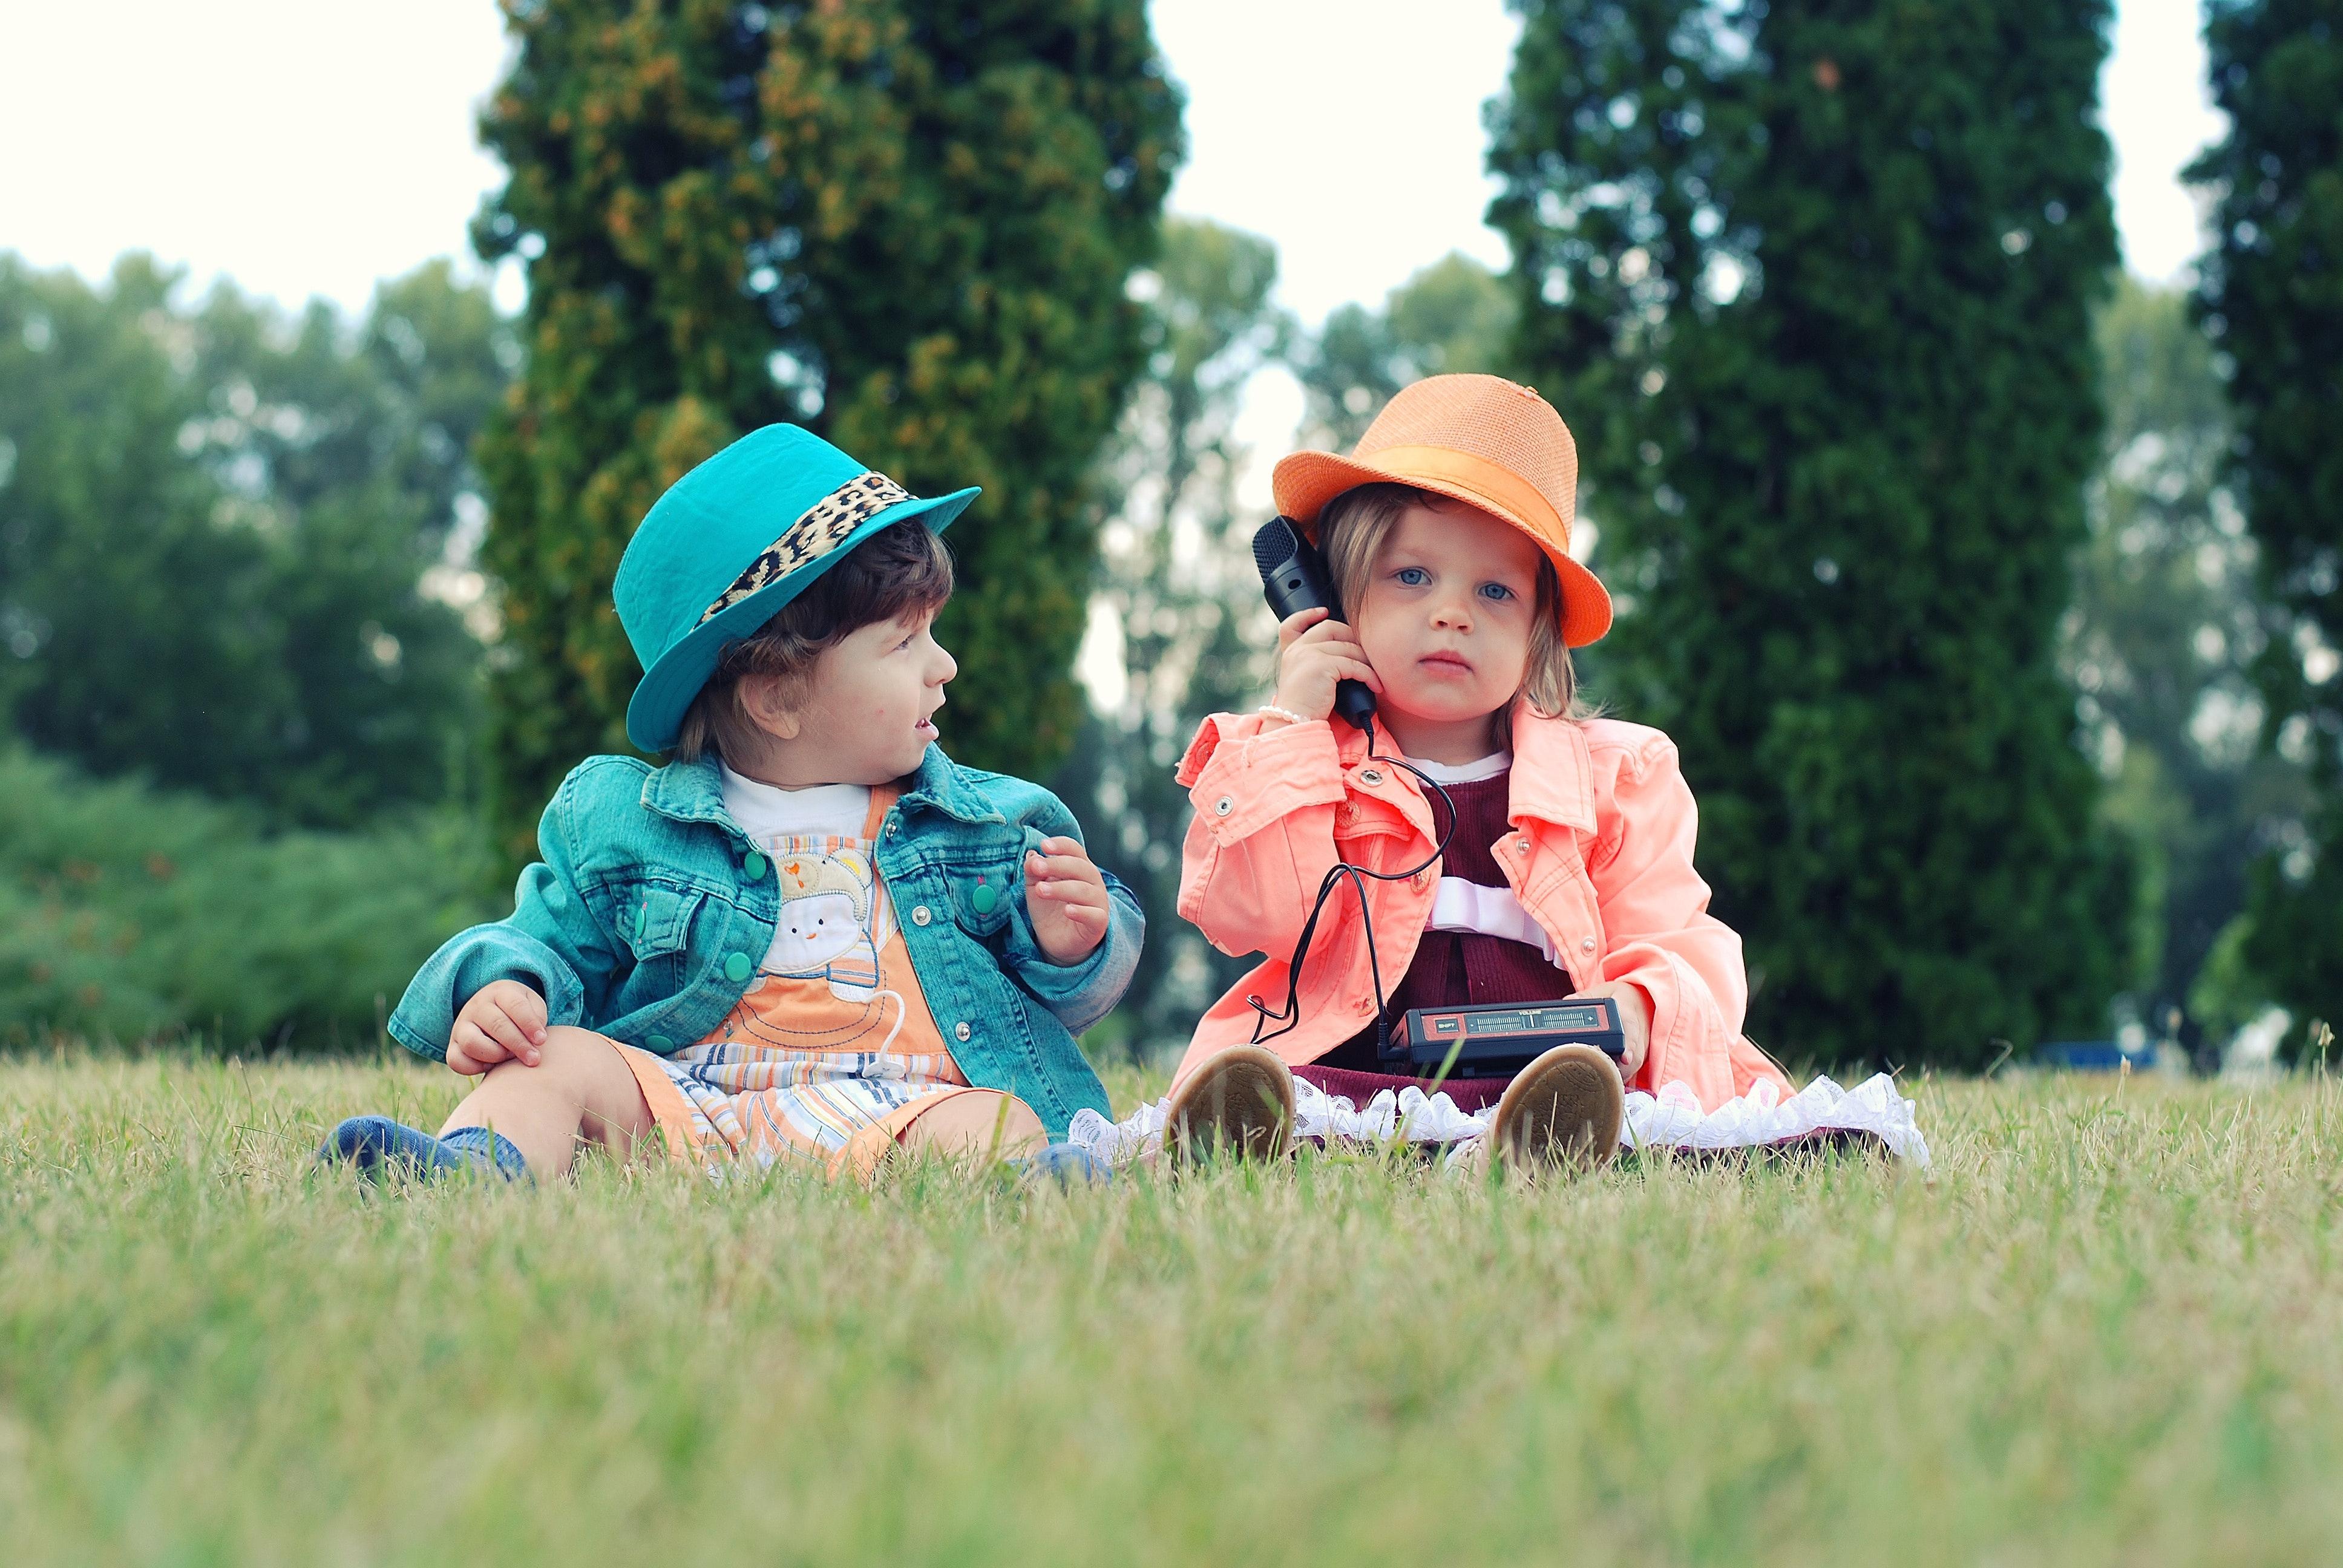 baby-blur-boy-child-301977